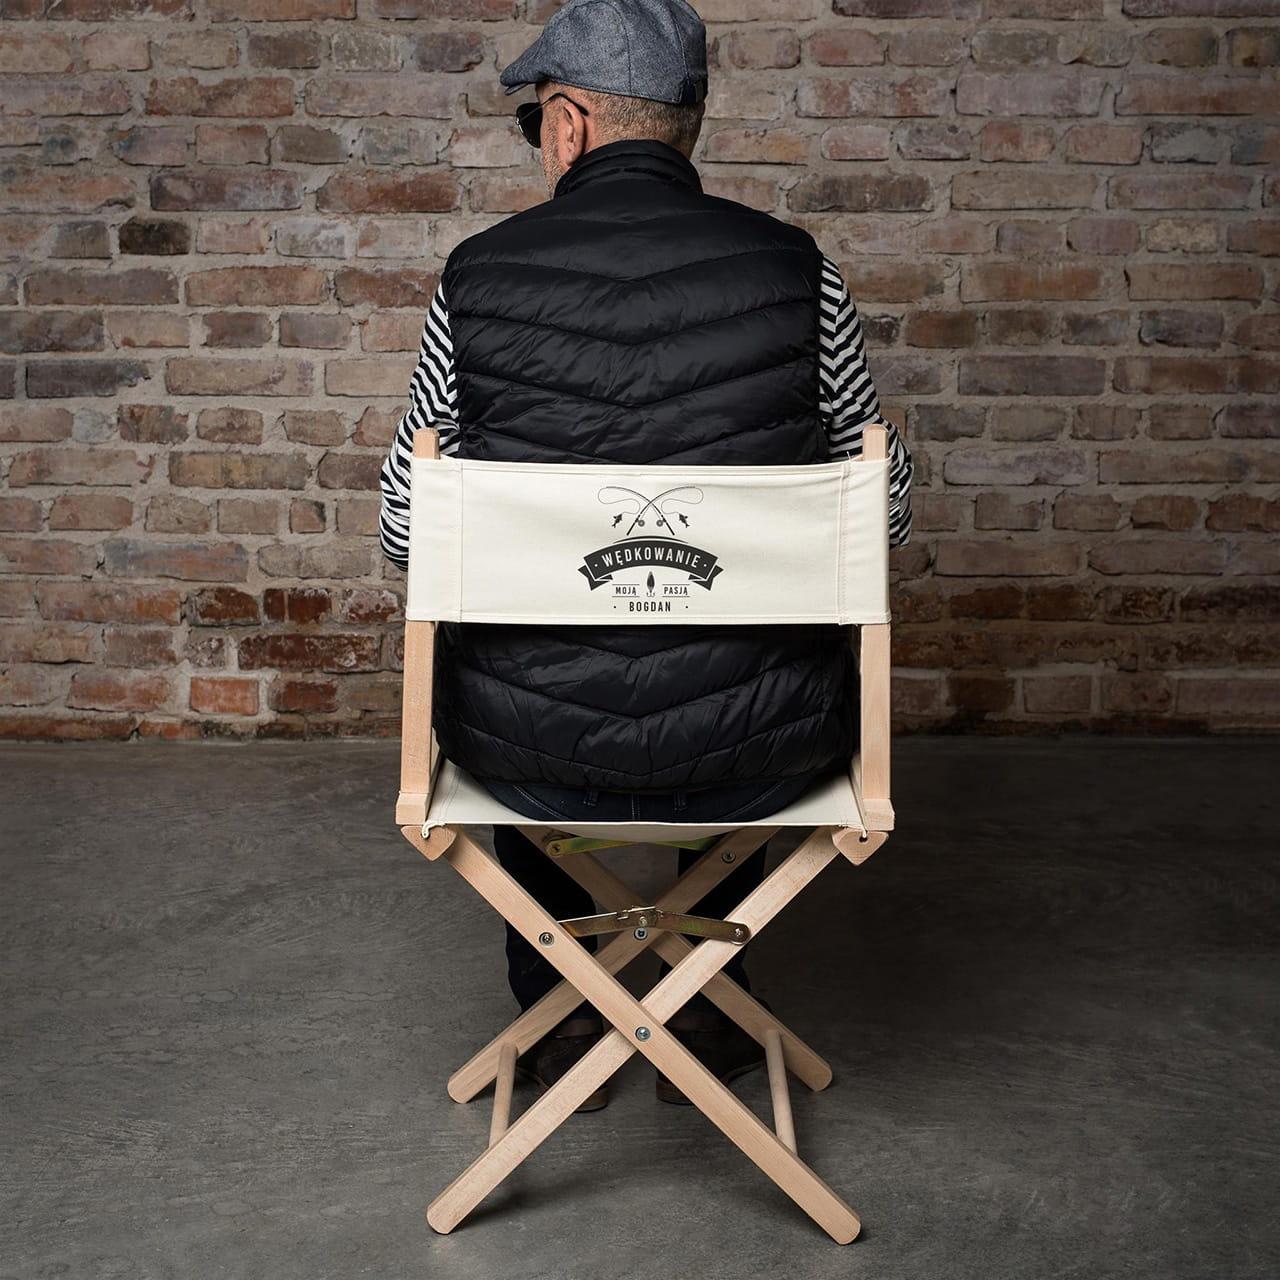 Krzesło reżyserskie WĘDKOWANIE